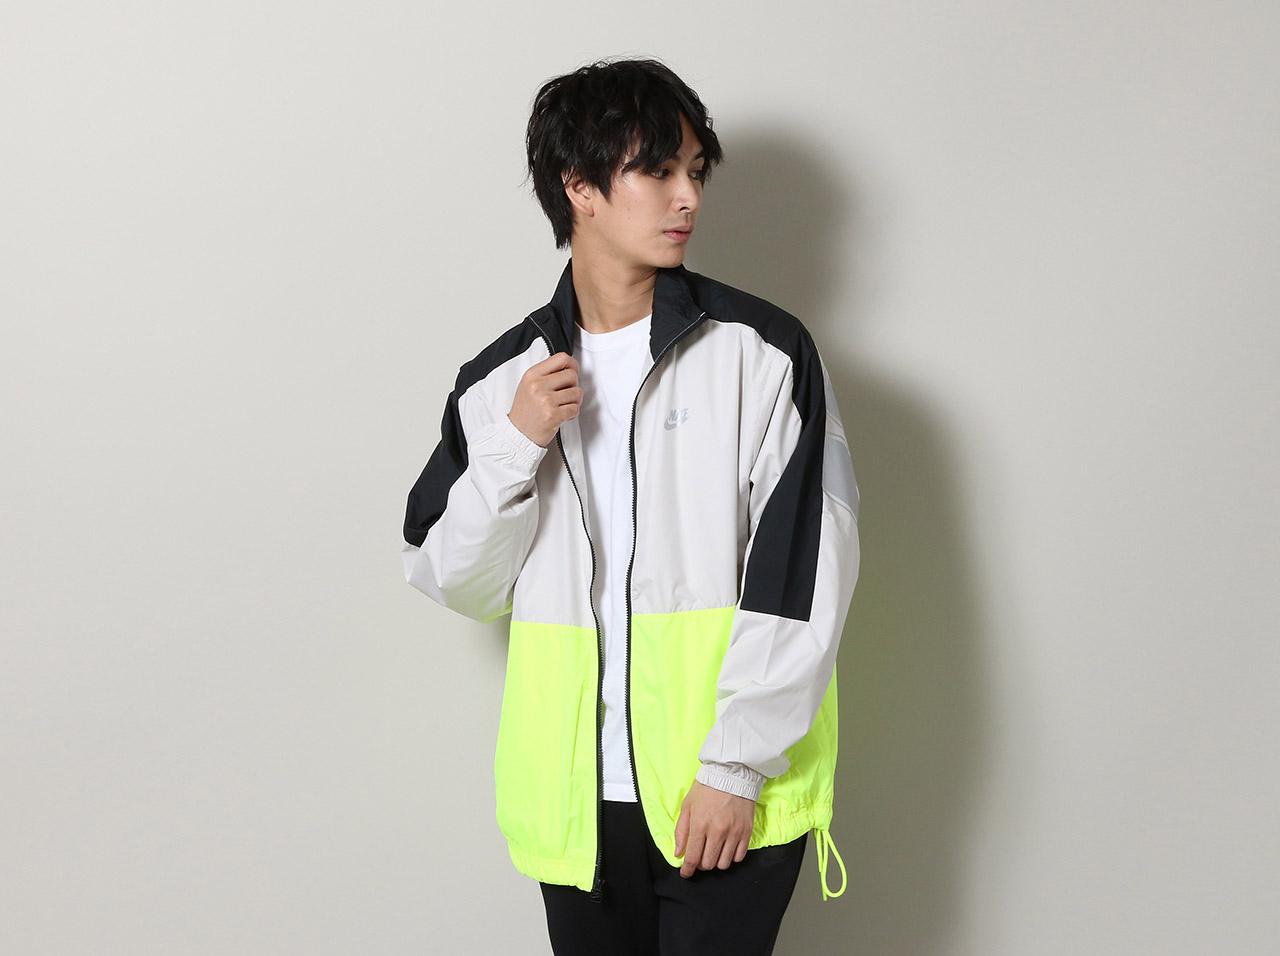 【30%OFF!】NIKE NSW SC WOVEN JACKET(CQ0247-011)【ナイキ】【メンズファッション】【アウター】【トップス】【ジャケット】【ストリート】